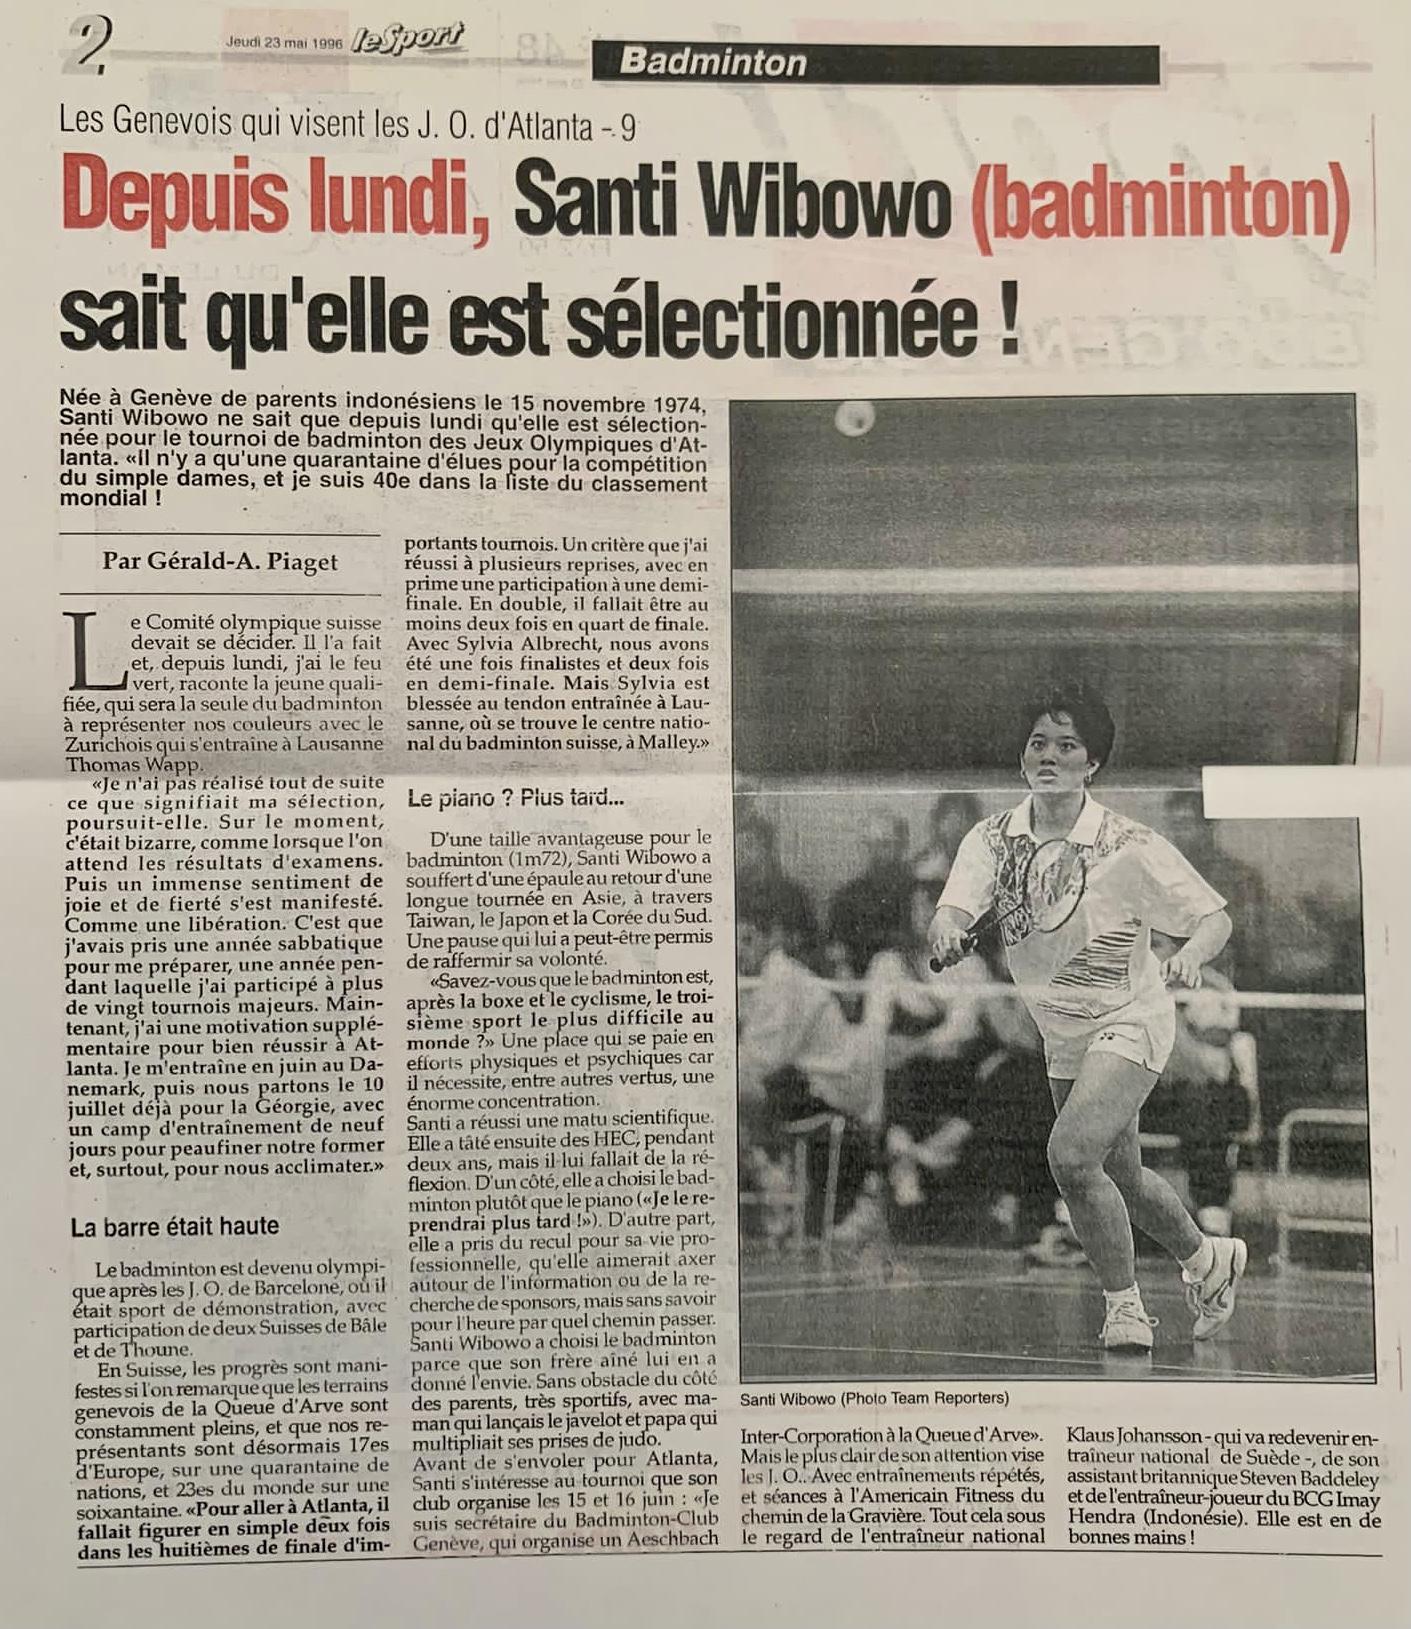 Badminton Club Genève Santi Wibowo selectionnée